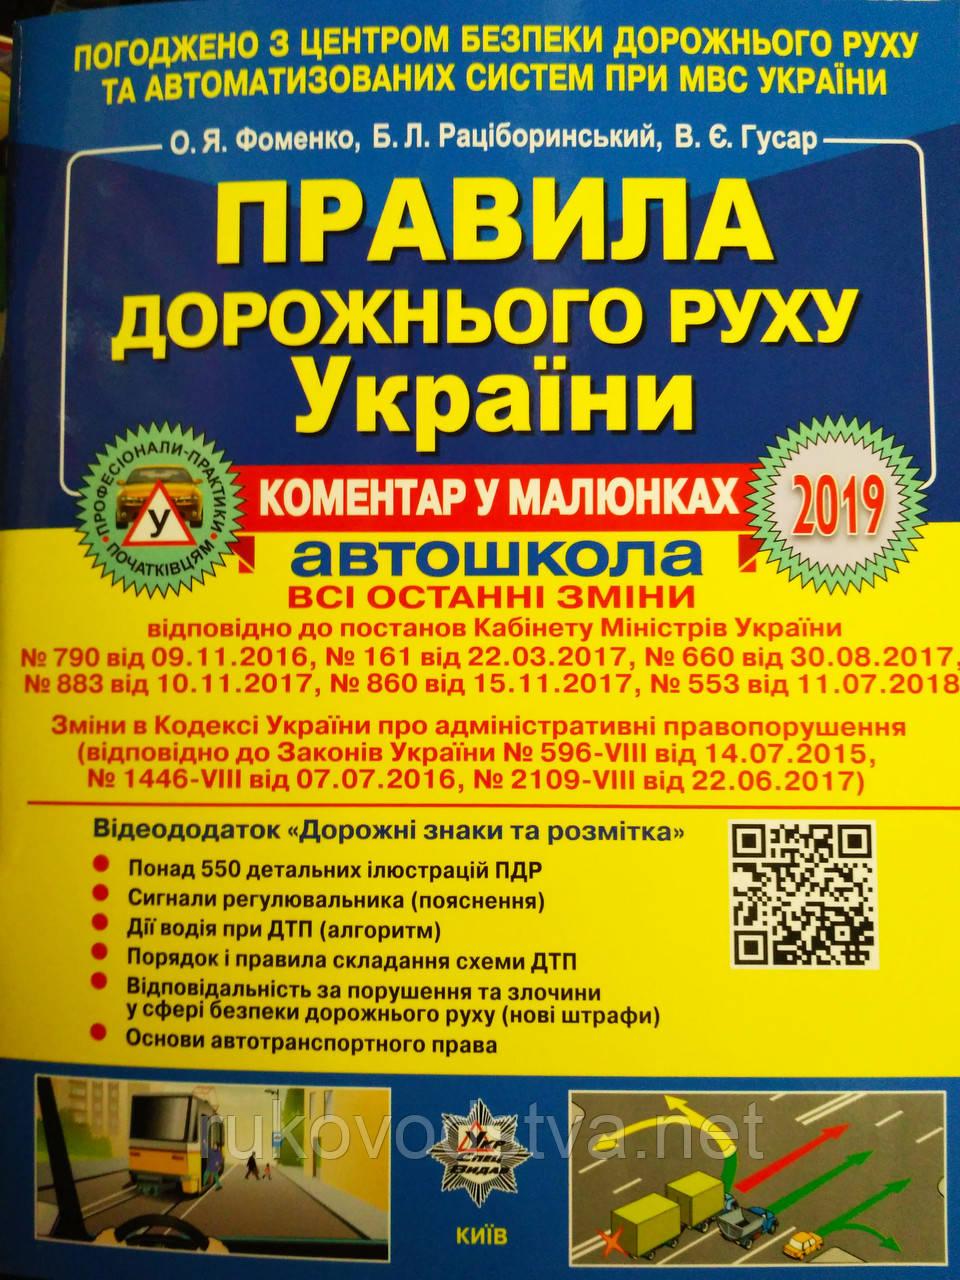 ПДР України: Коментар в малюнках, Фоменко, Раціборинський, Гусар на білому папері